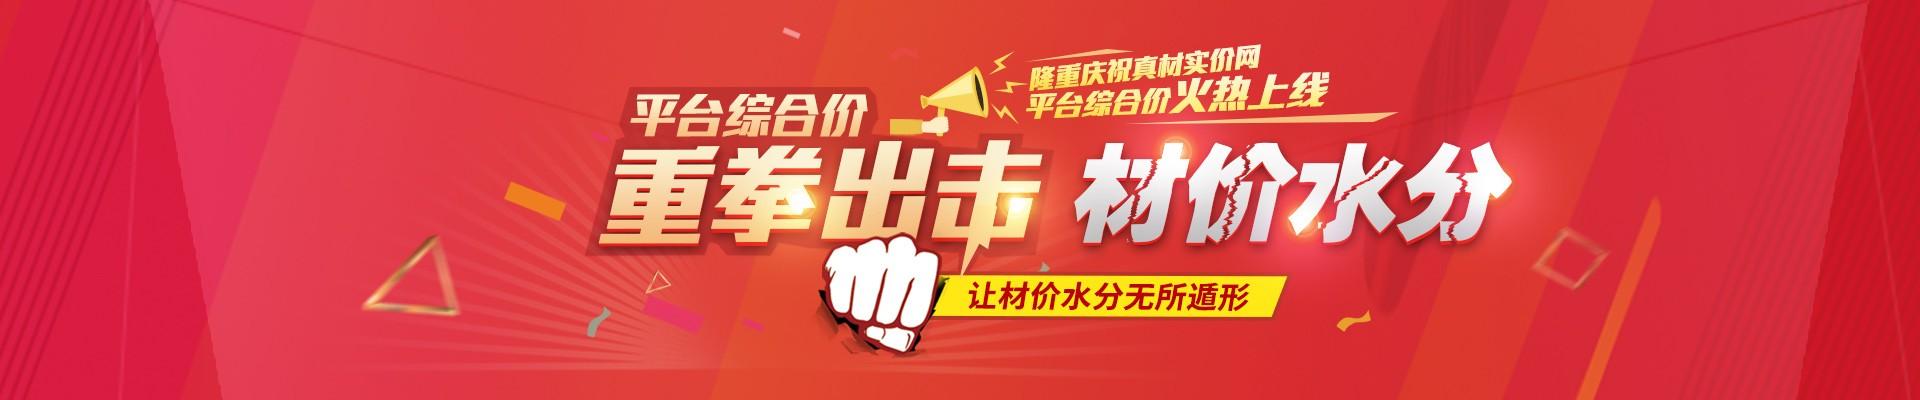 隆重庆祝真材实价网-平台综合价火热上线